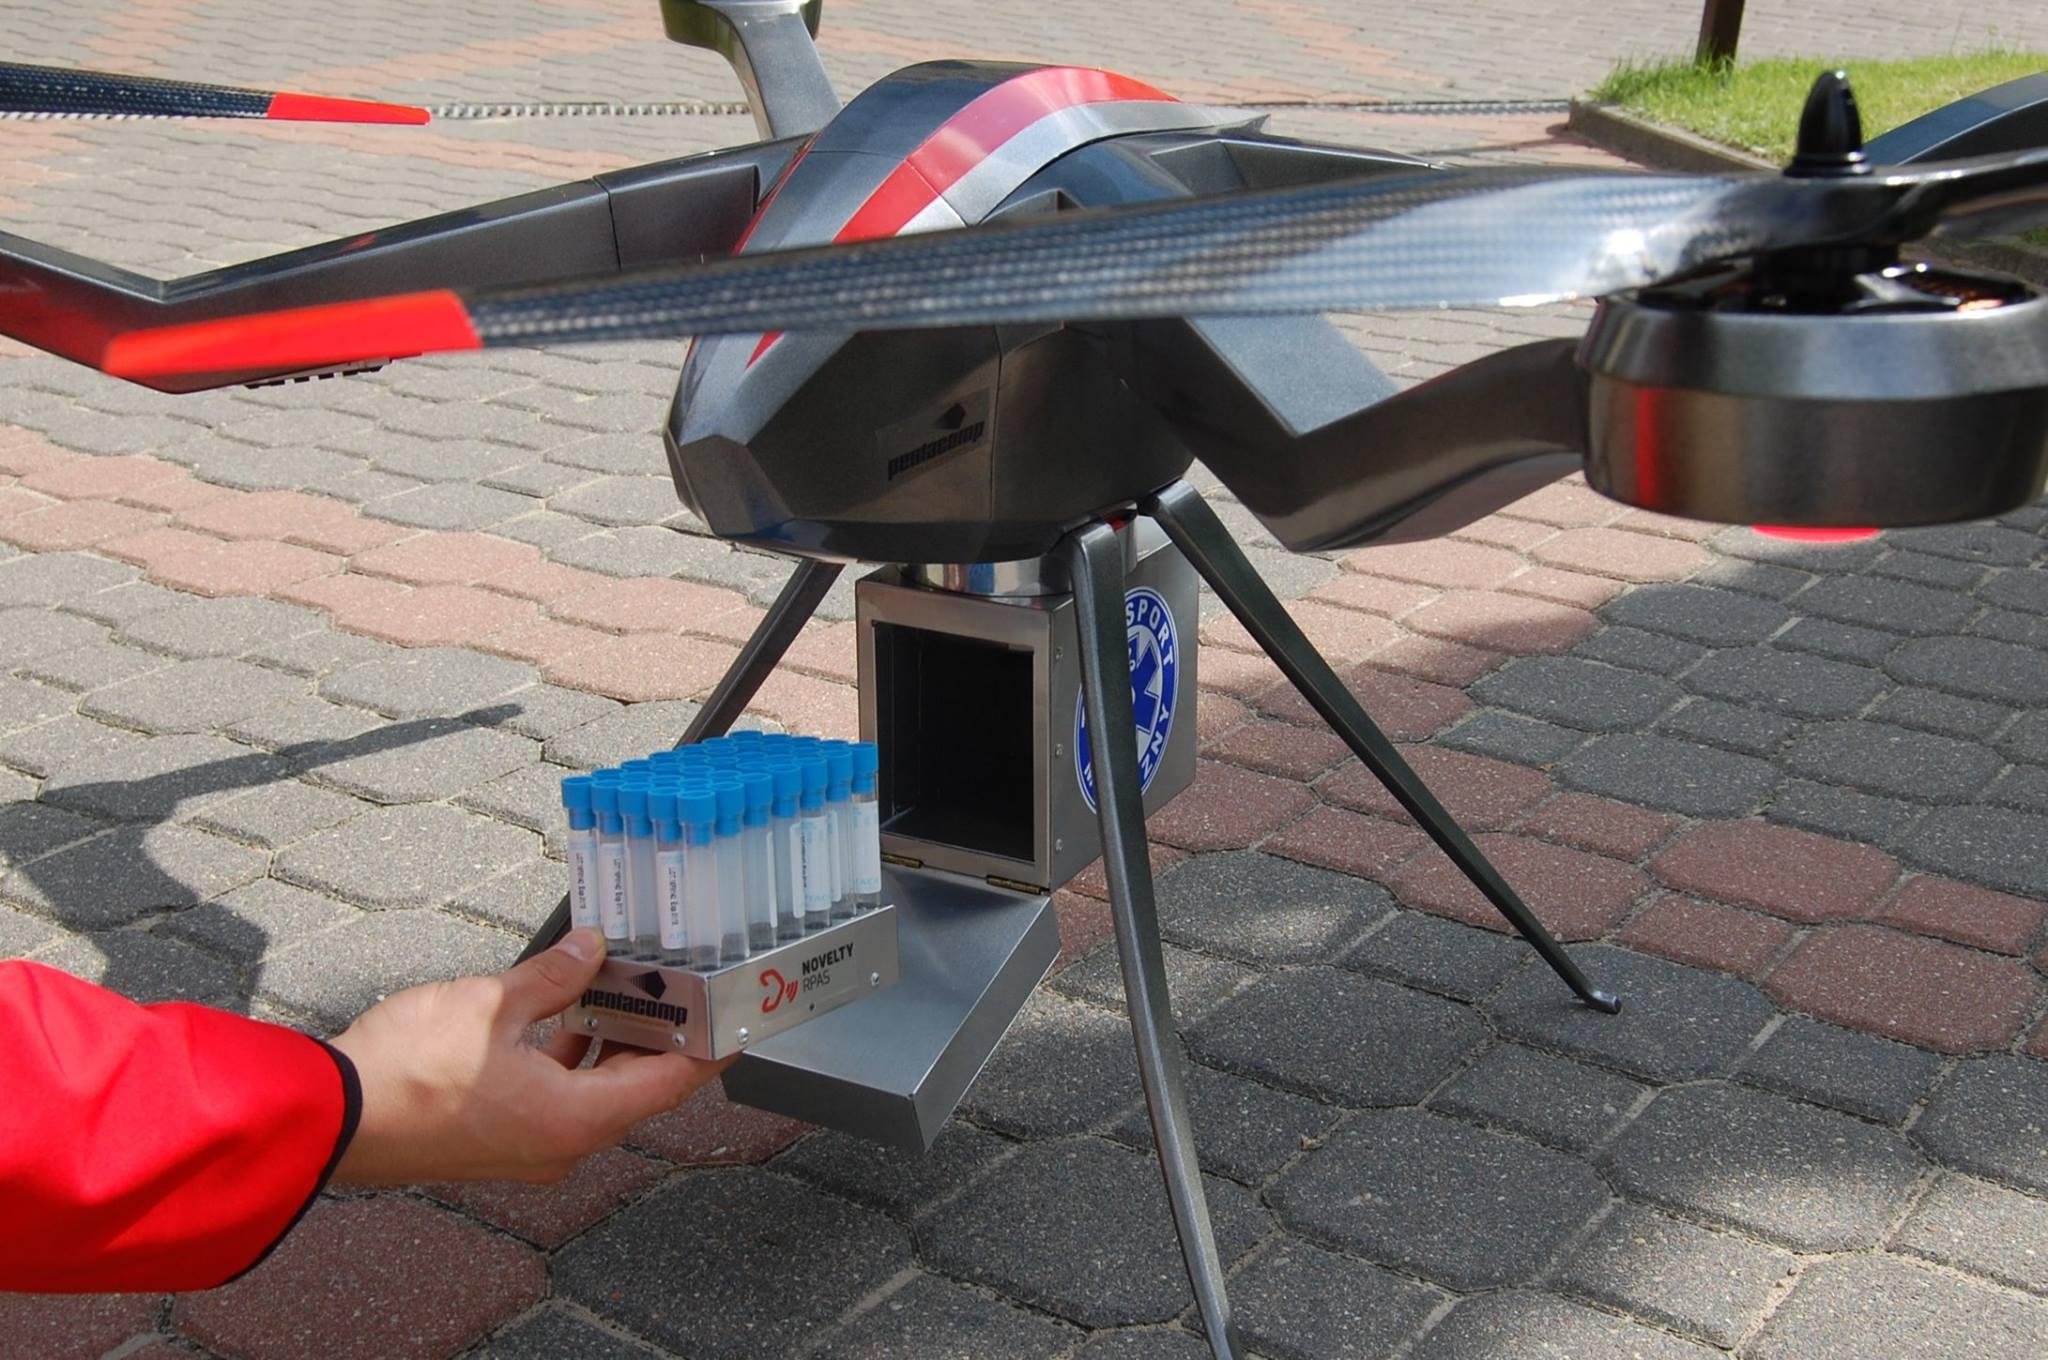 AirVein - dron do przenoszenia próbek krwi - Ogar produkcji Novelty RPAS